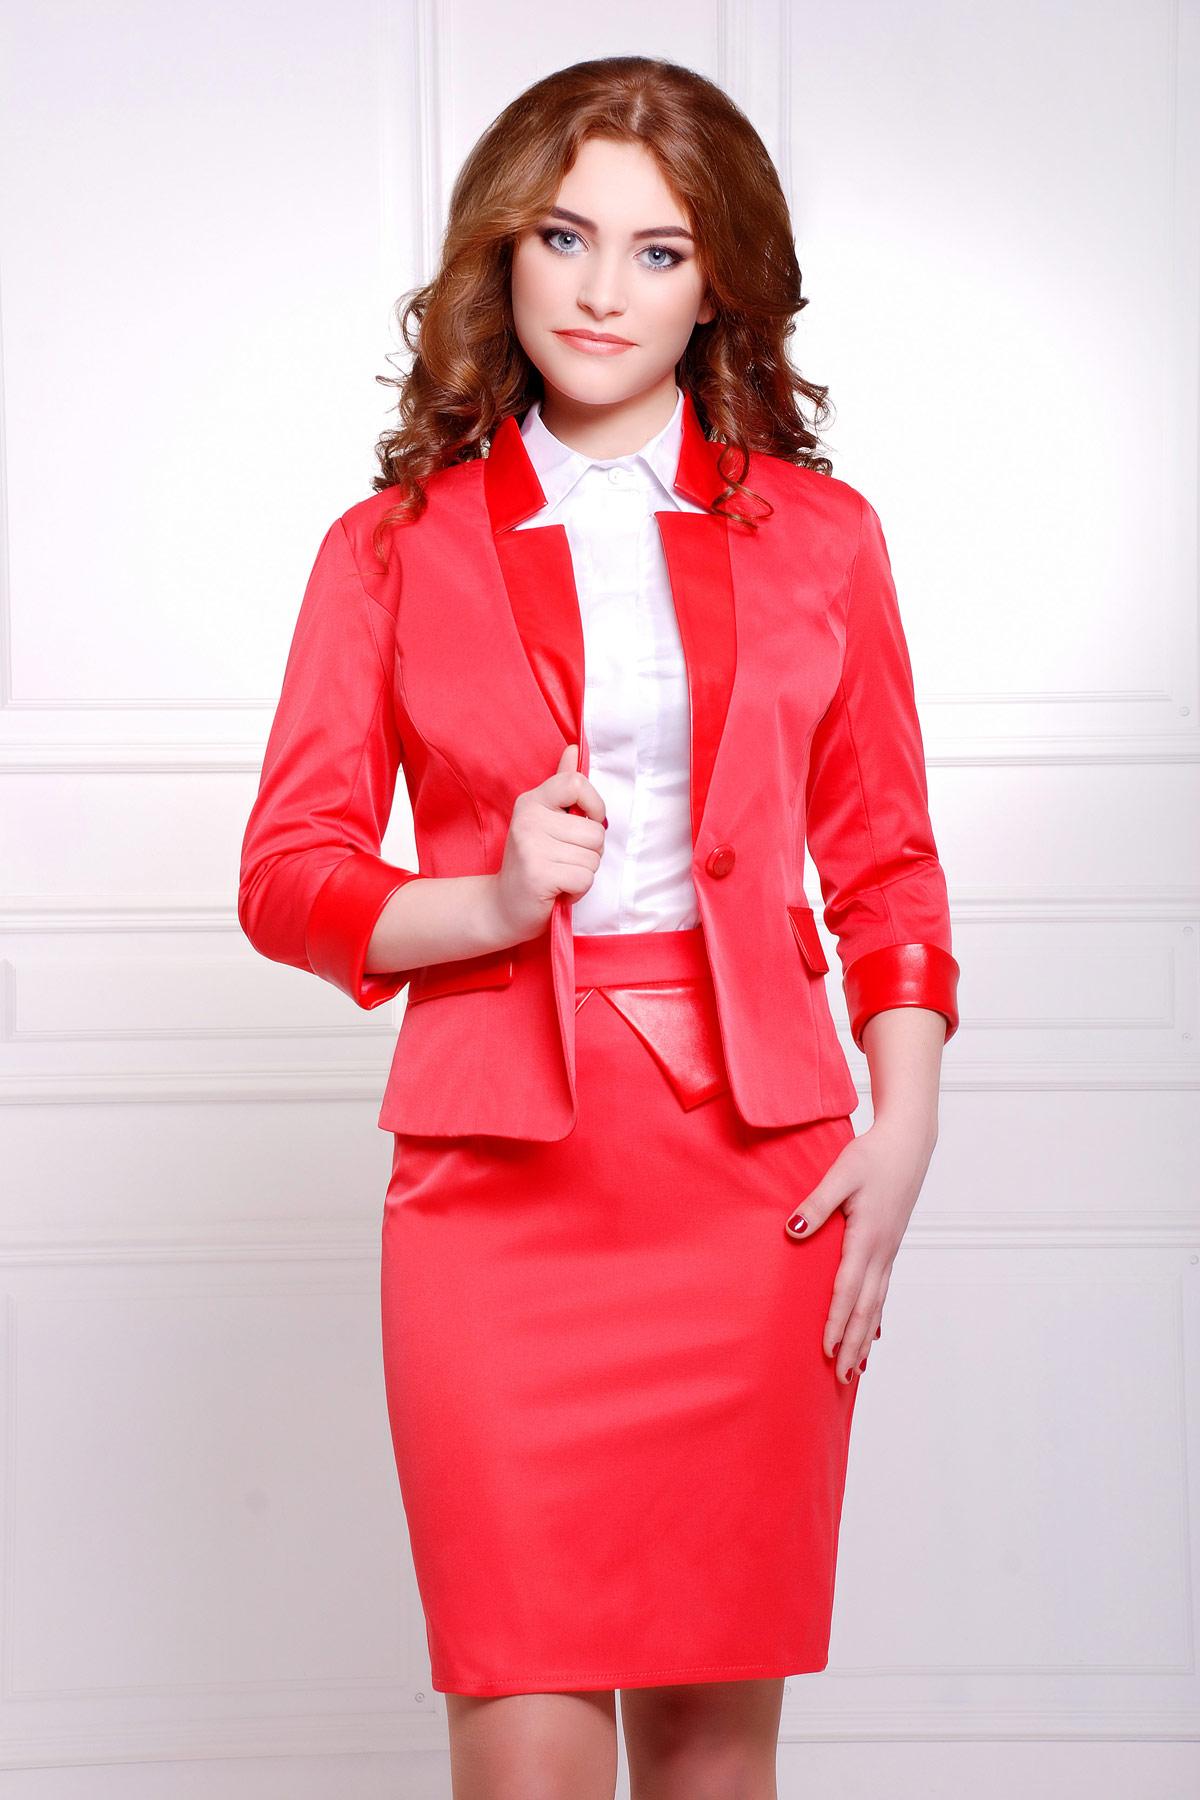 Сбор заказов. Одежда от ТМ Глеm. Офисные красивые блузки, платья, пиджаки, пальто, распродажа, без рядов. Выкуп - 21